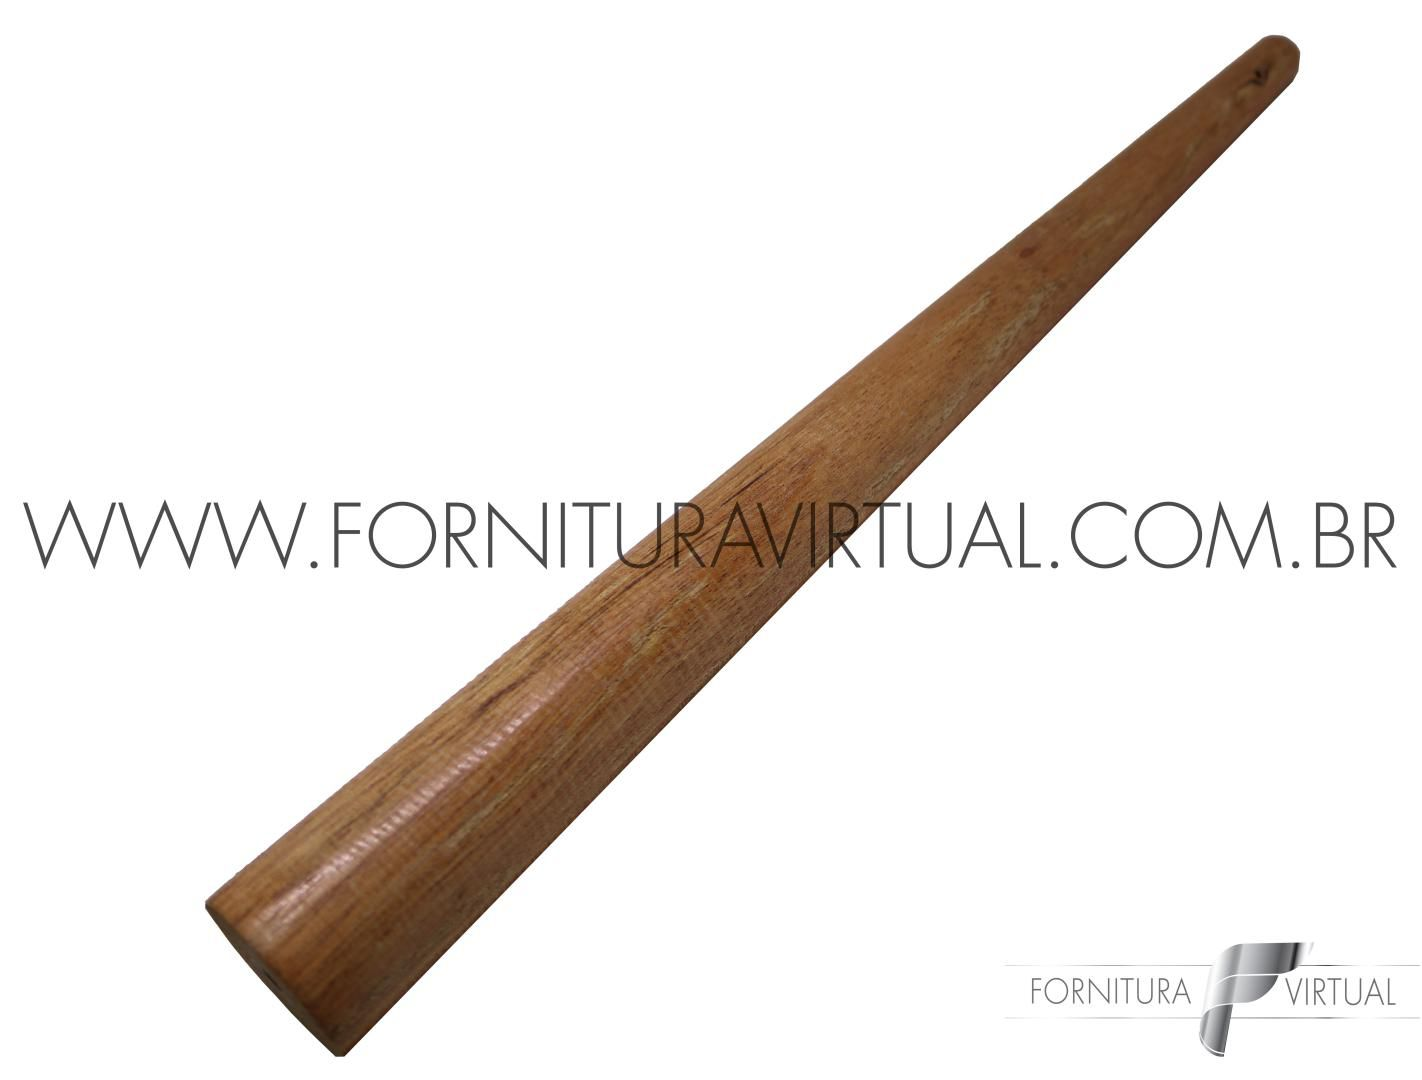 Tribulet de Madeira para Aliança - Grande 320mm